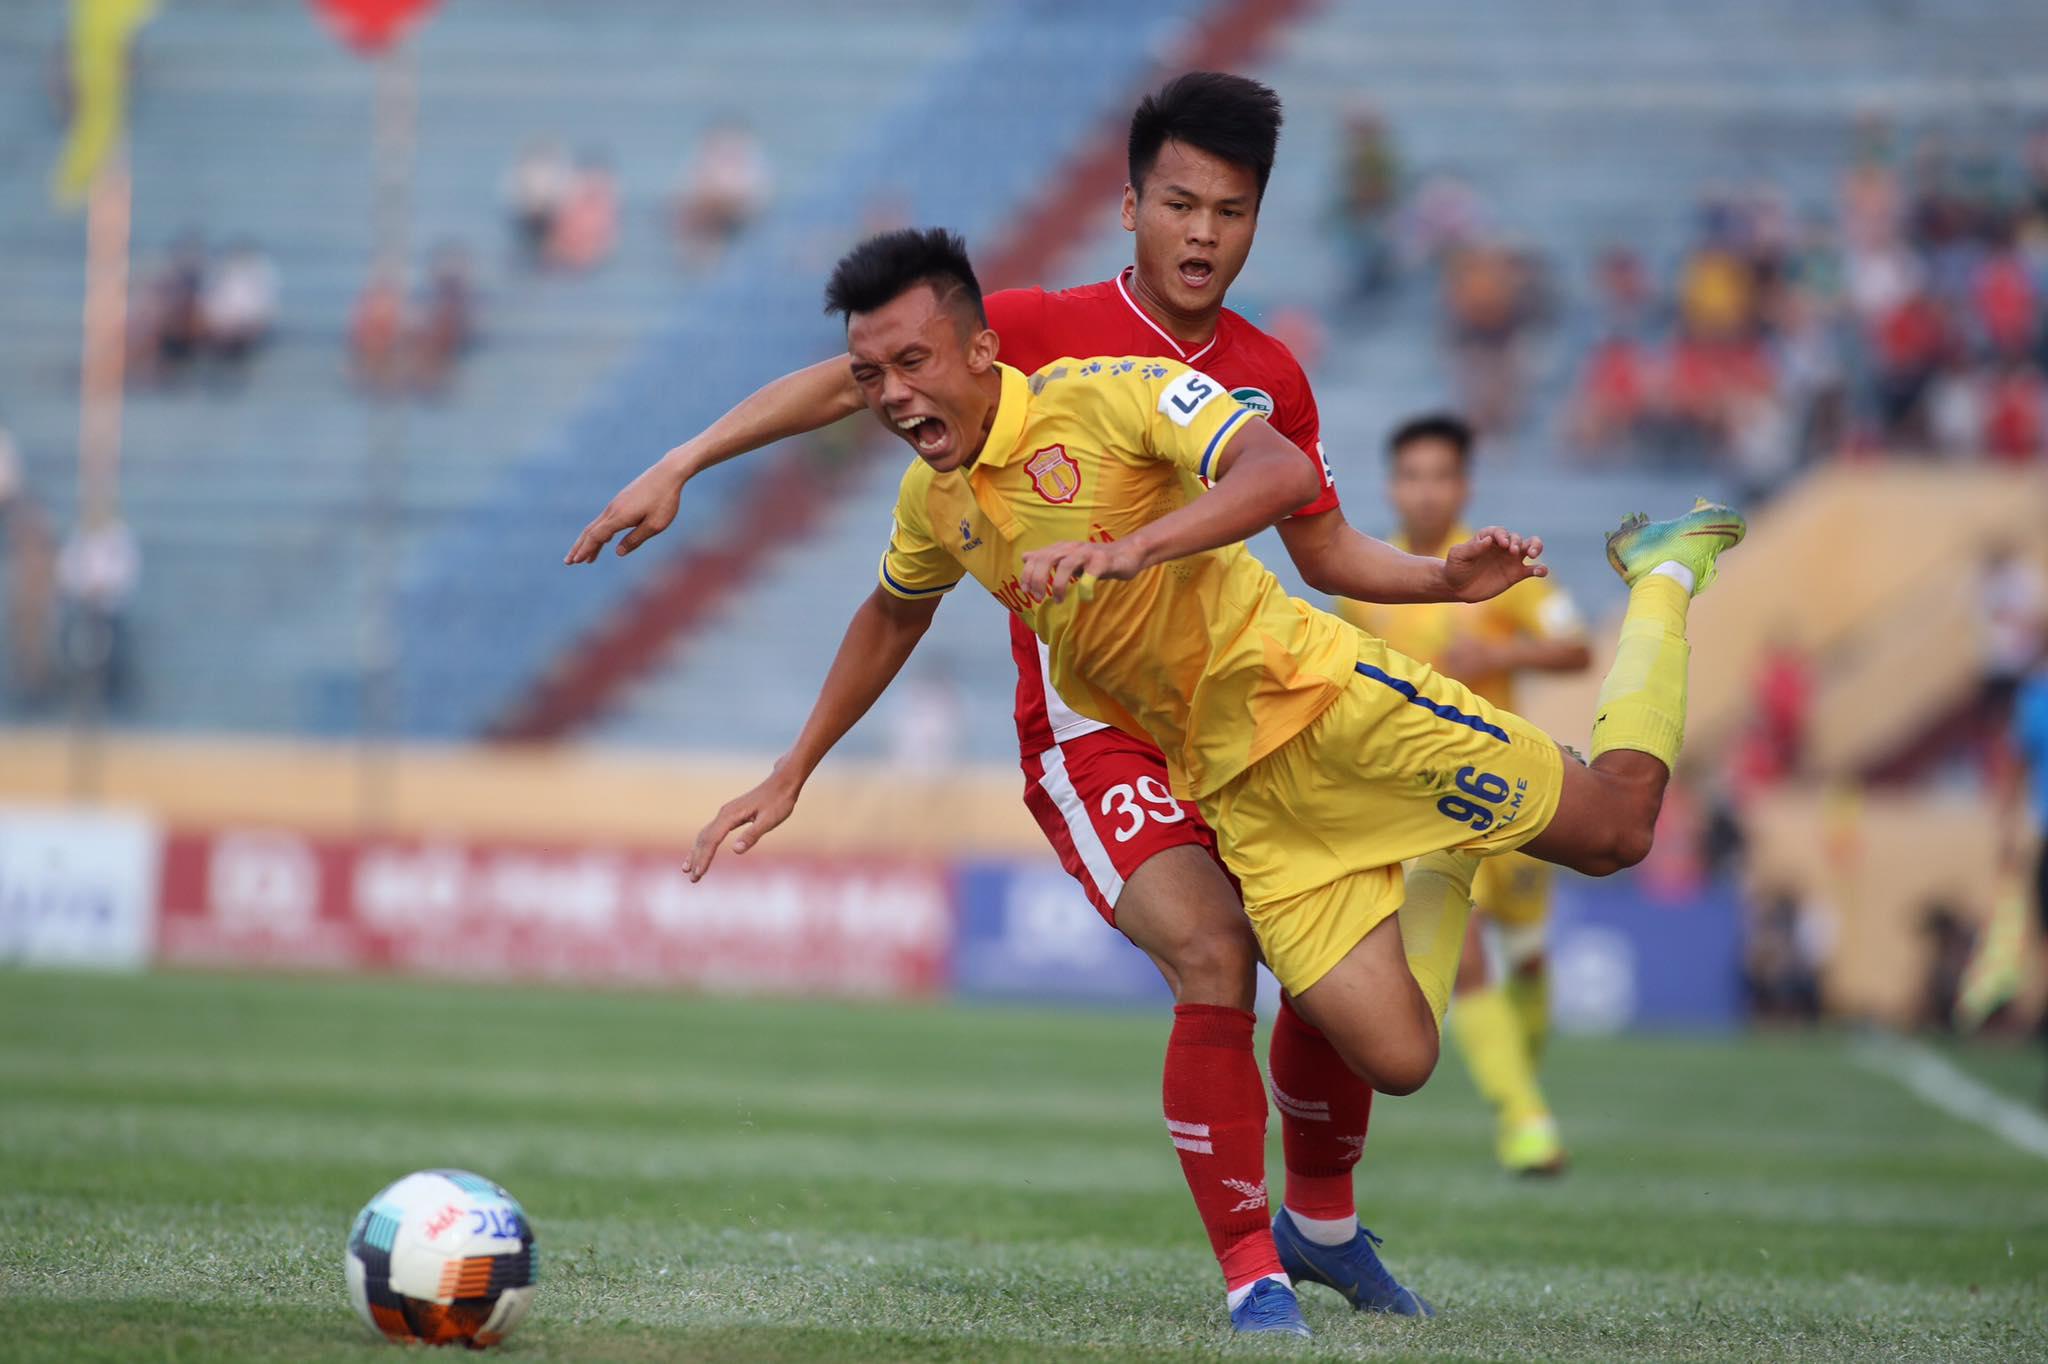 Viettel vẫn đang thi đấu chắc chắn trước DNH.NĐ - Ảnh: Phan Tùng